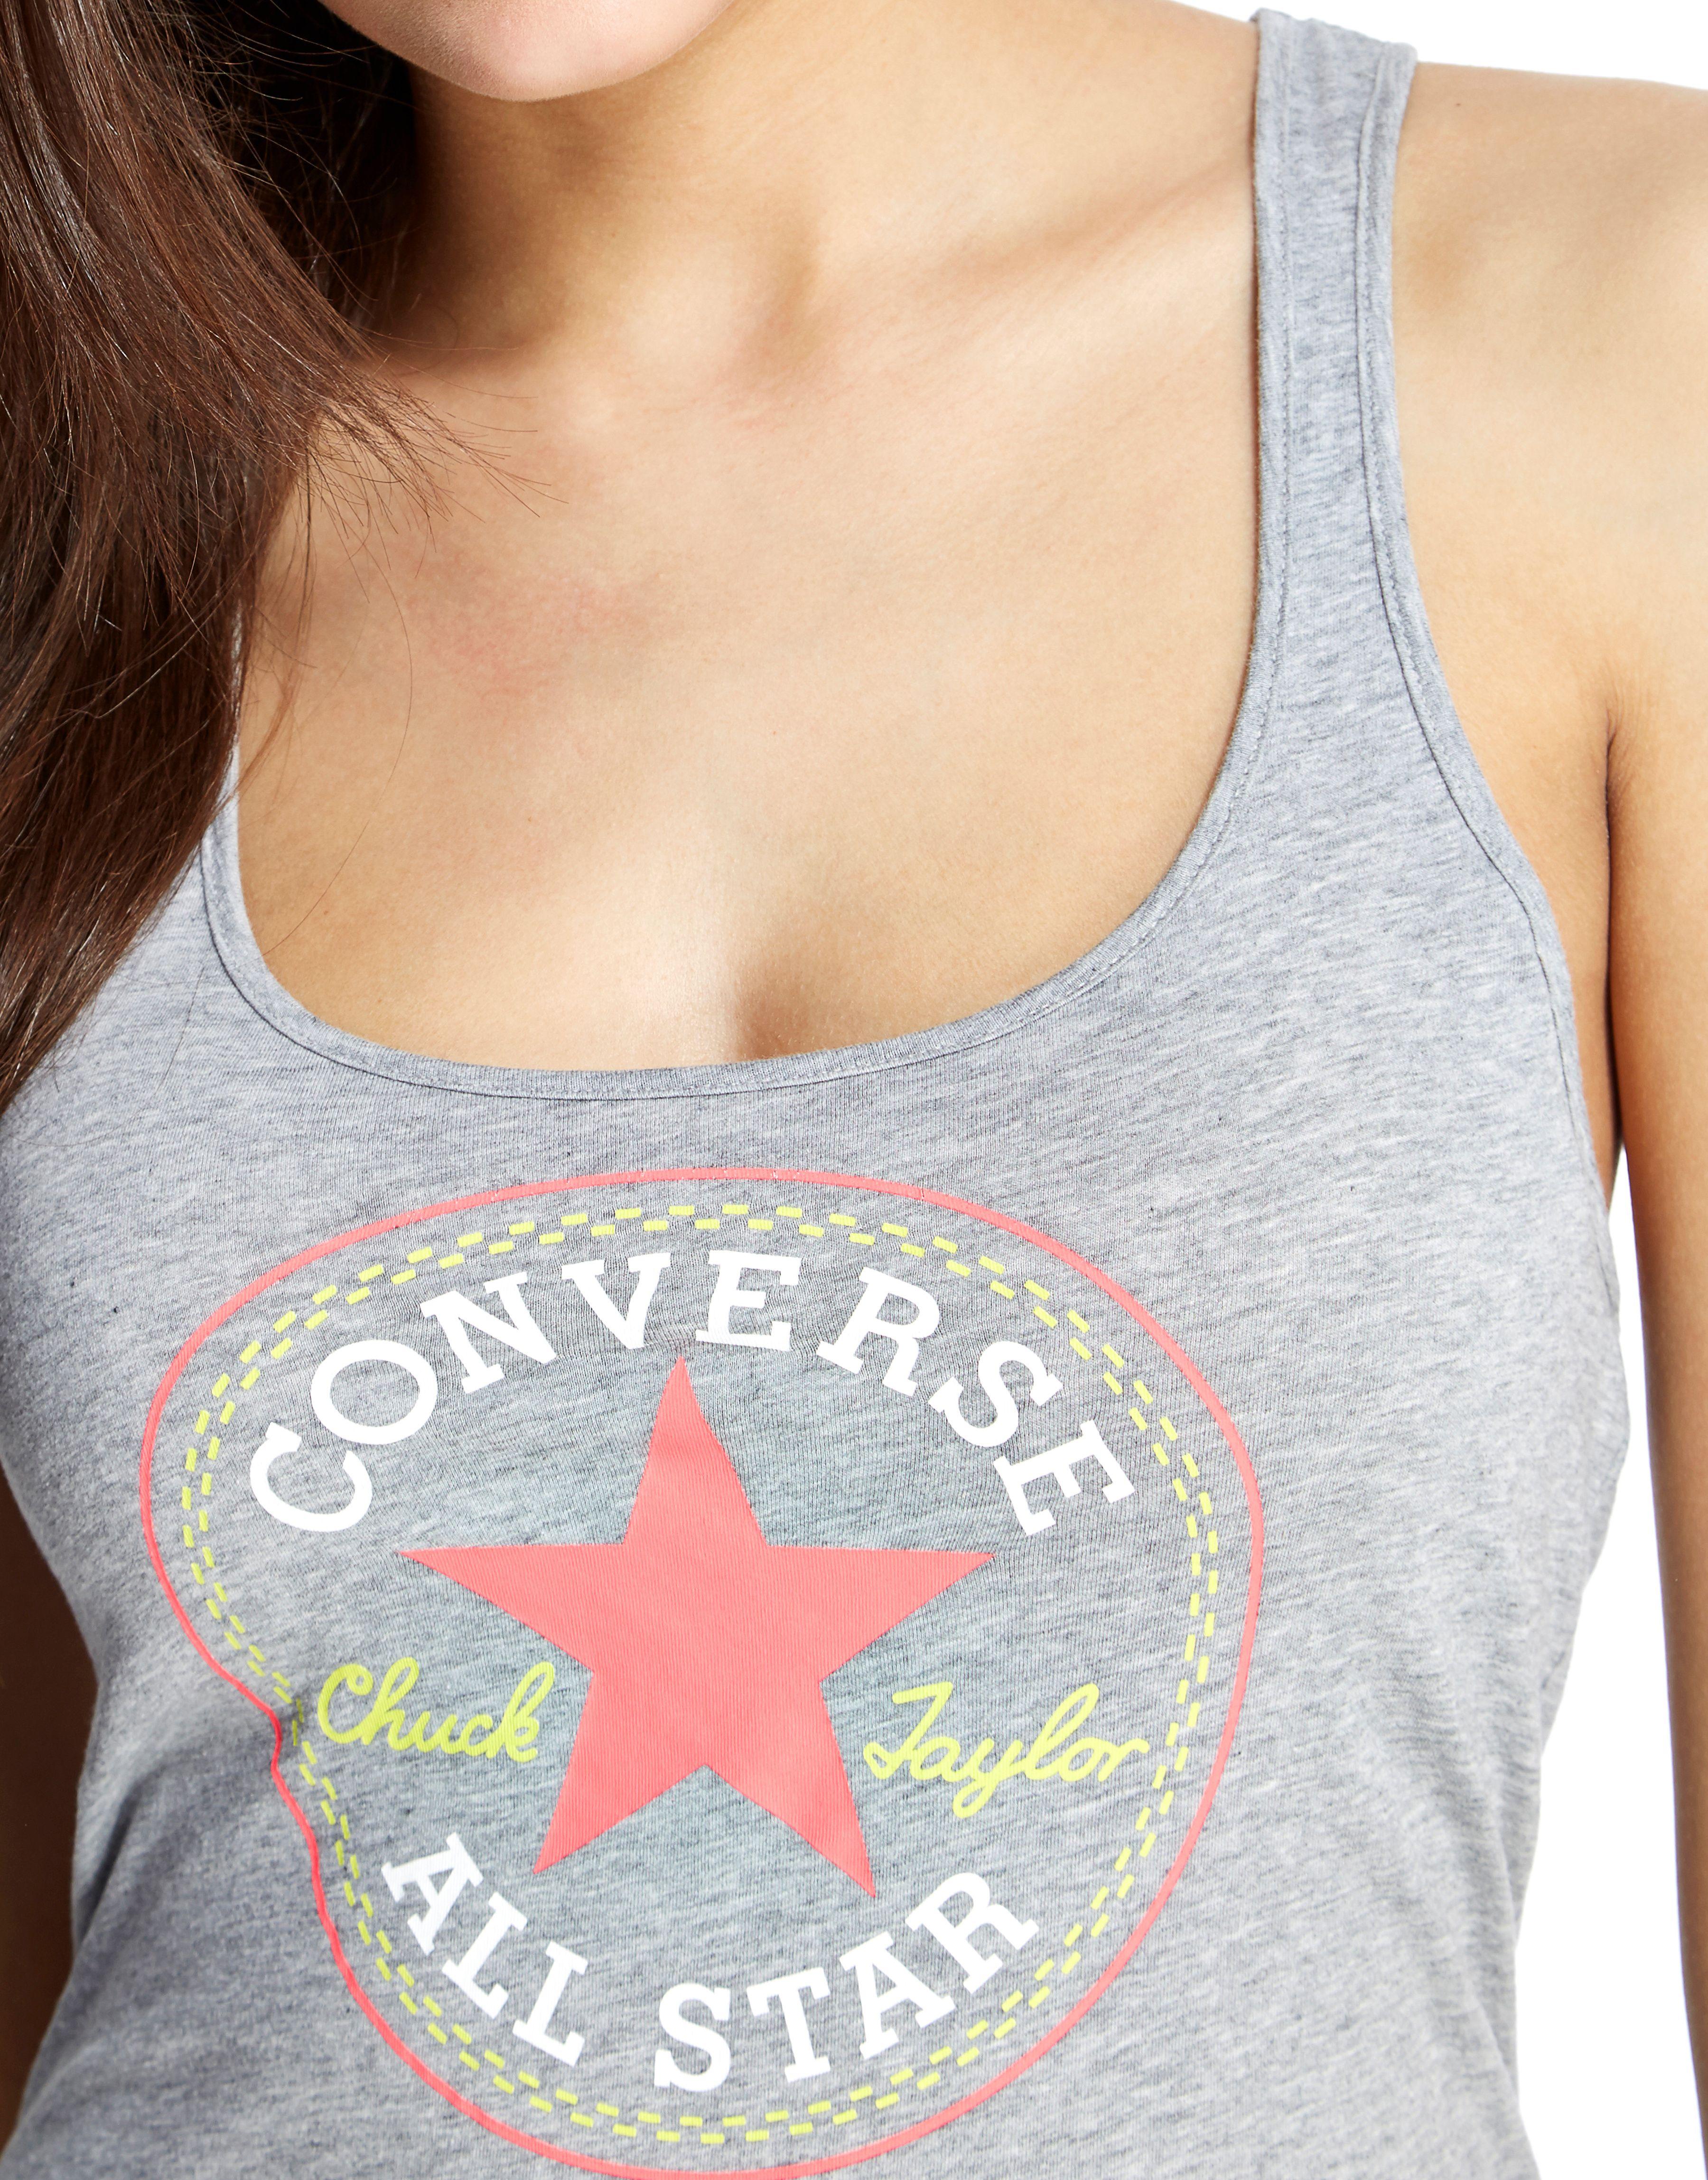 Converse Twist Back Vest